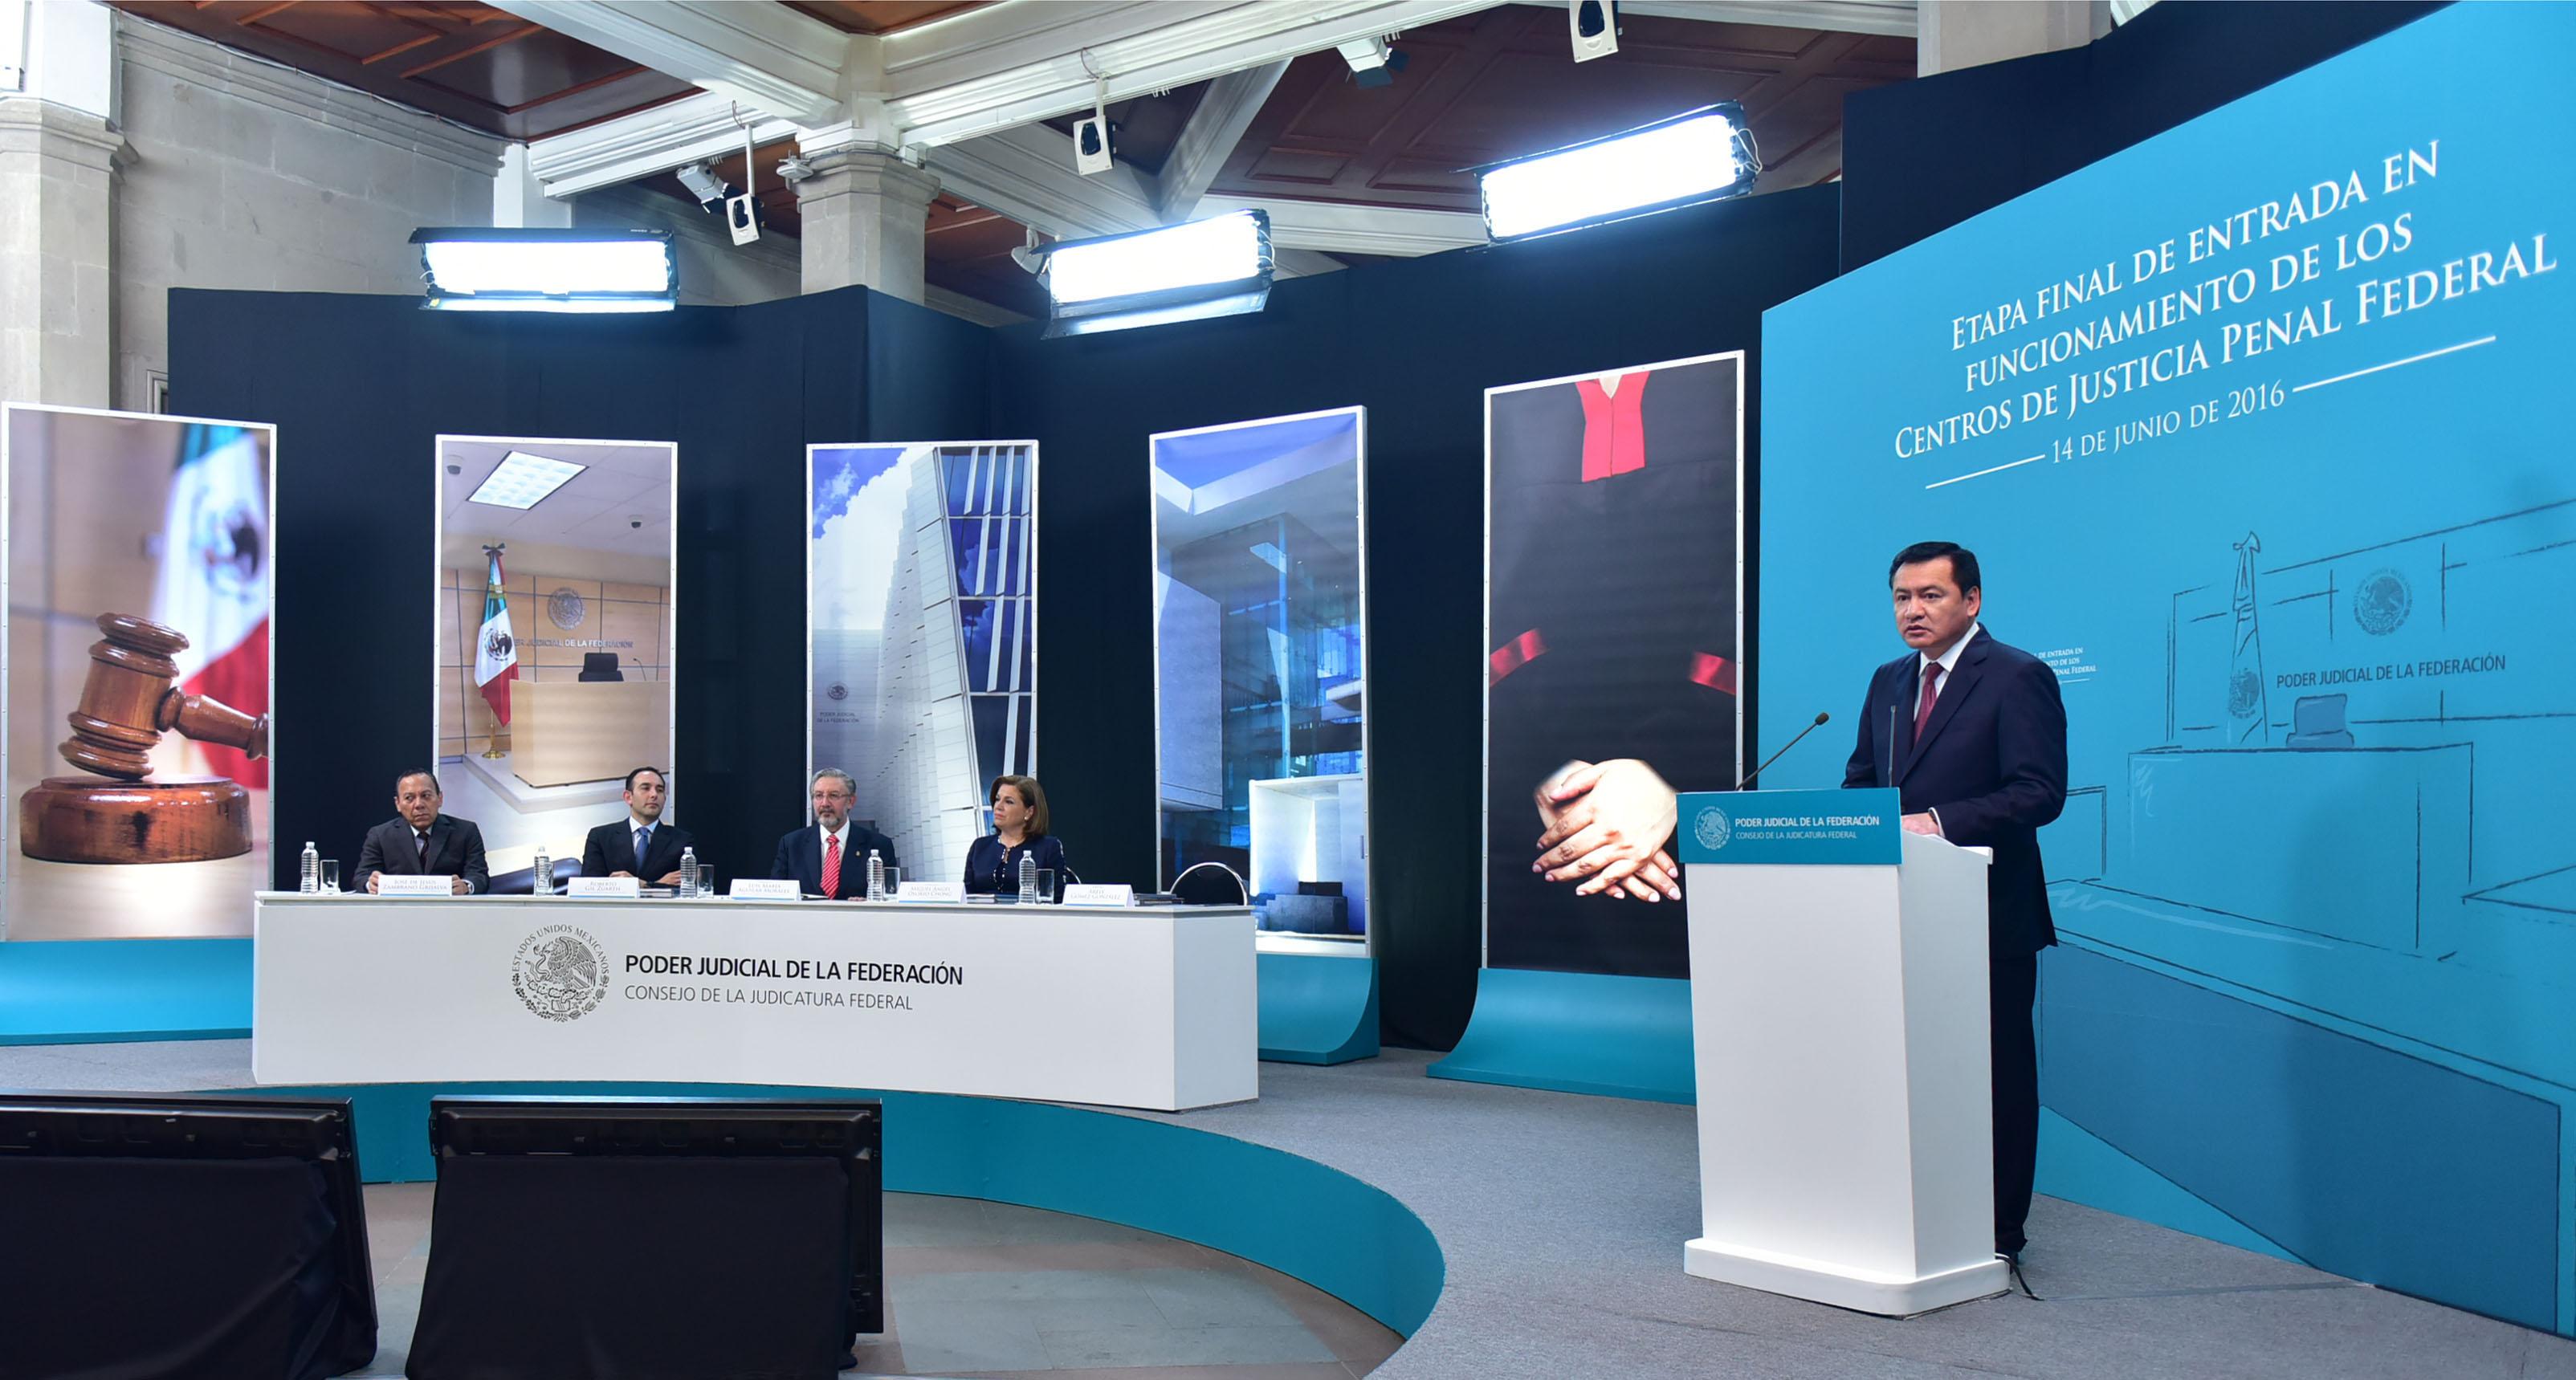 Fotografía del Secretario de Gobernación, mientras da un mensaje durante el evento de entrada en Vigor del Nuevo Sistema de Justicia Penal para Delitos del Orden Federal